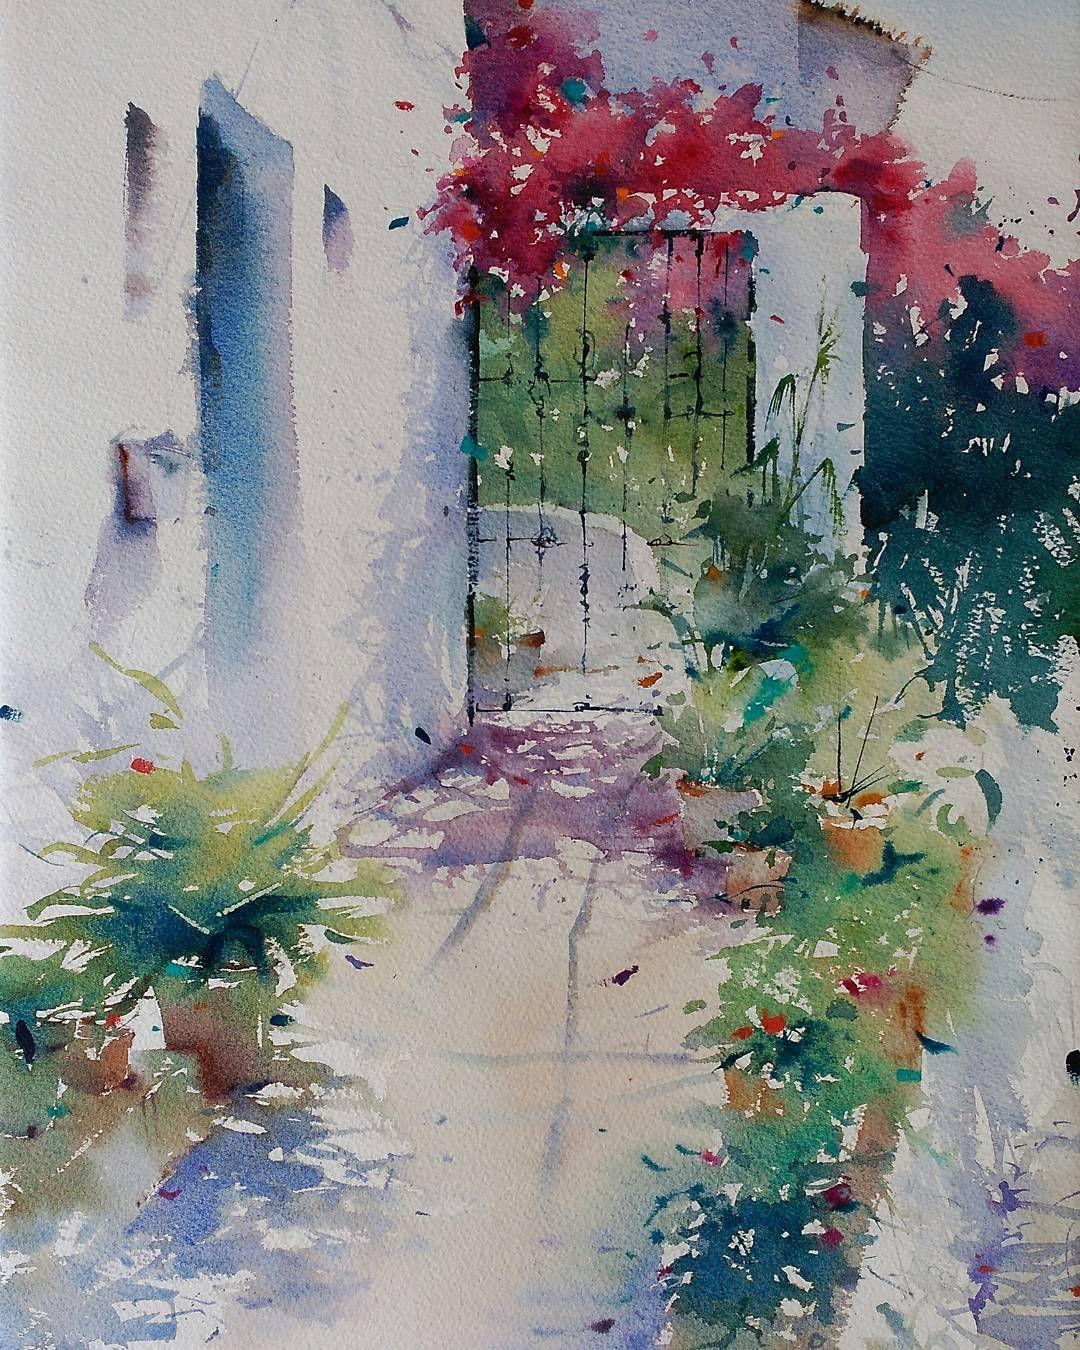 Blanca alvarez paitings watercolors pinterest for Cool watercolor tricks